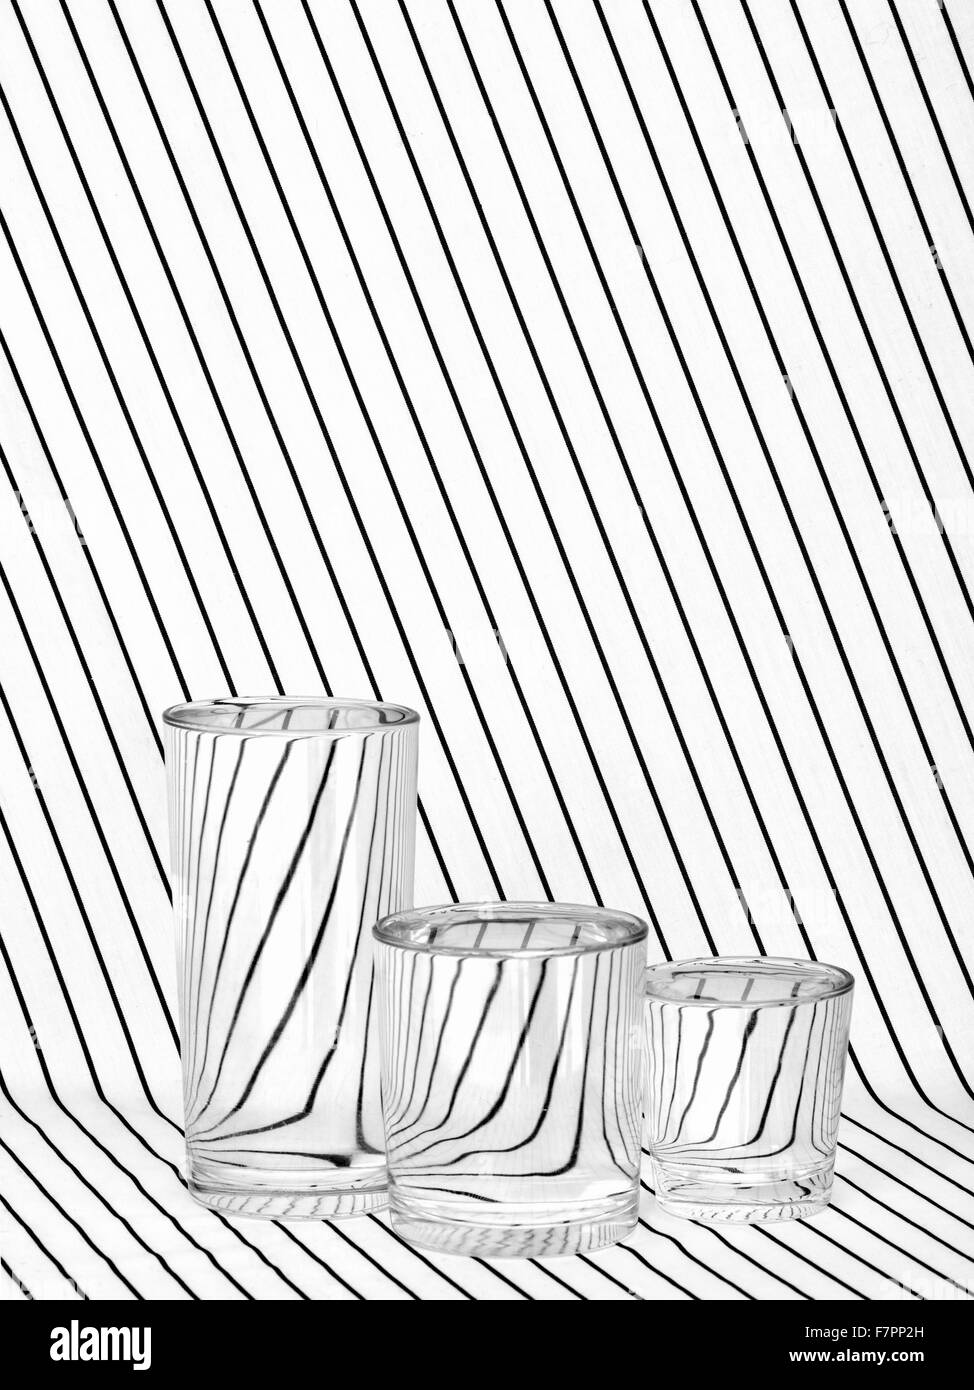 Trois verres sur tissu rayé, noir et blanc. La réfraction. Photo Stock